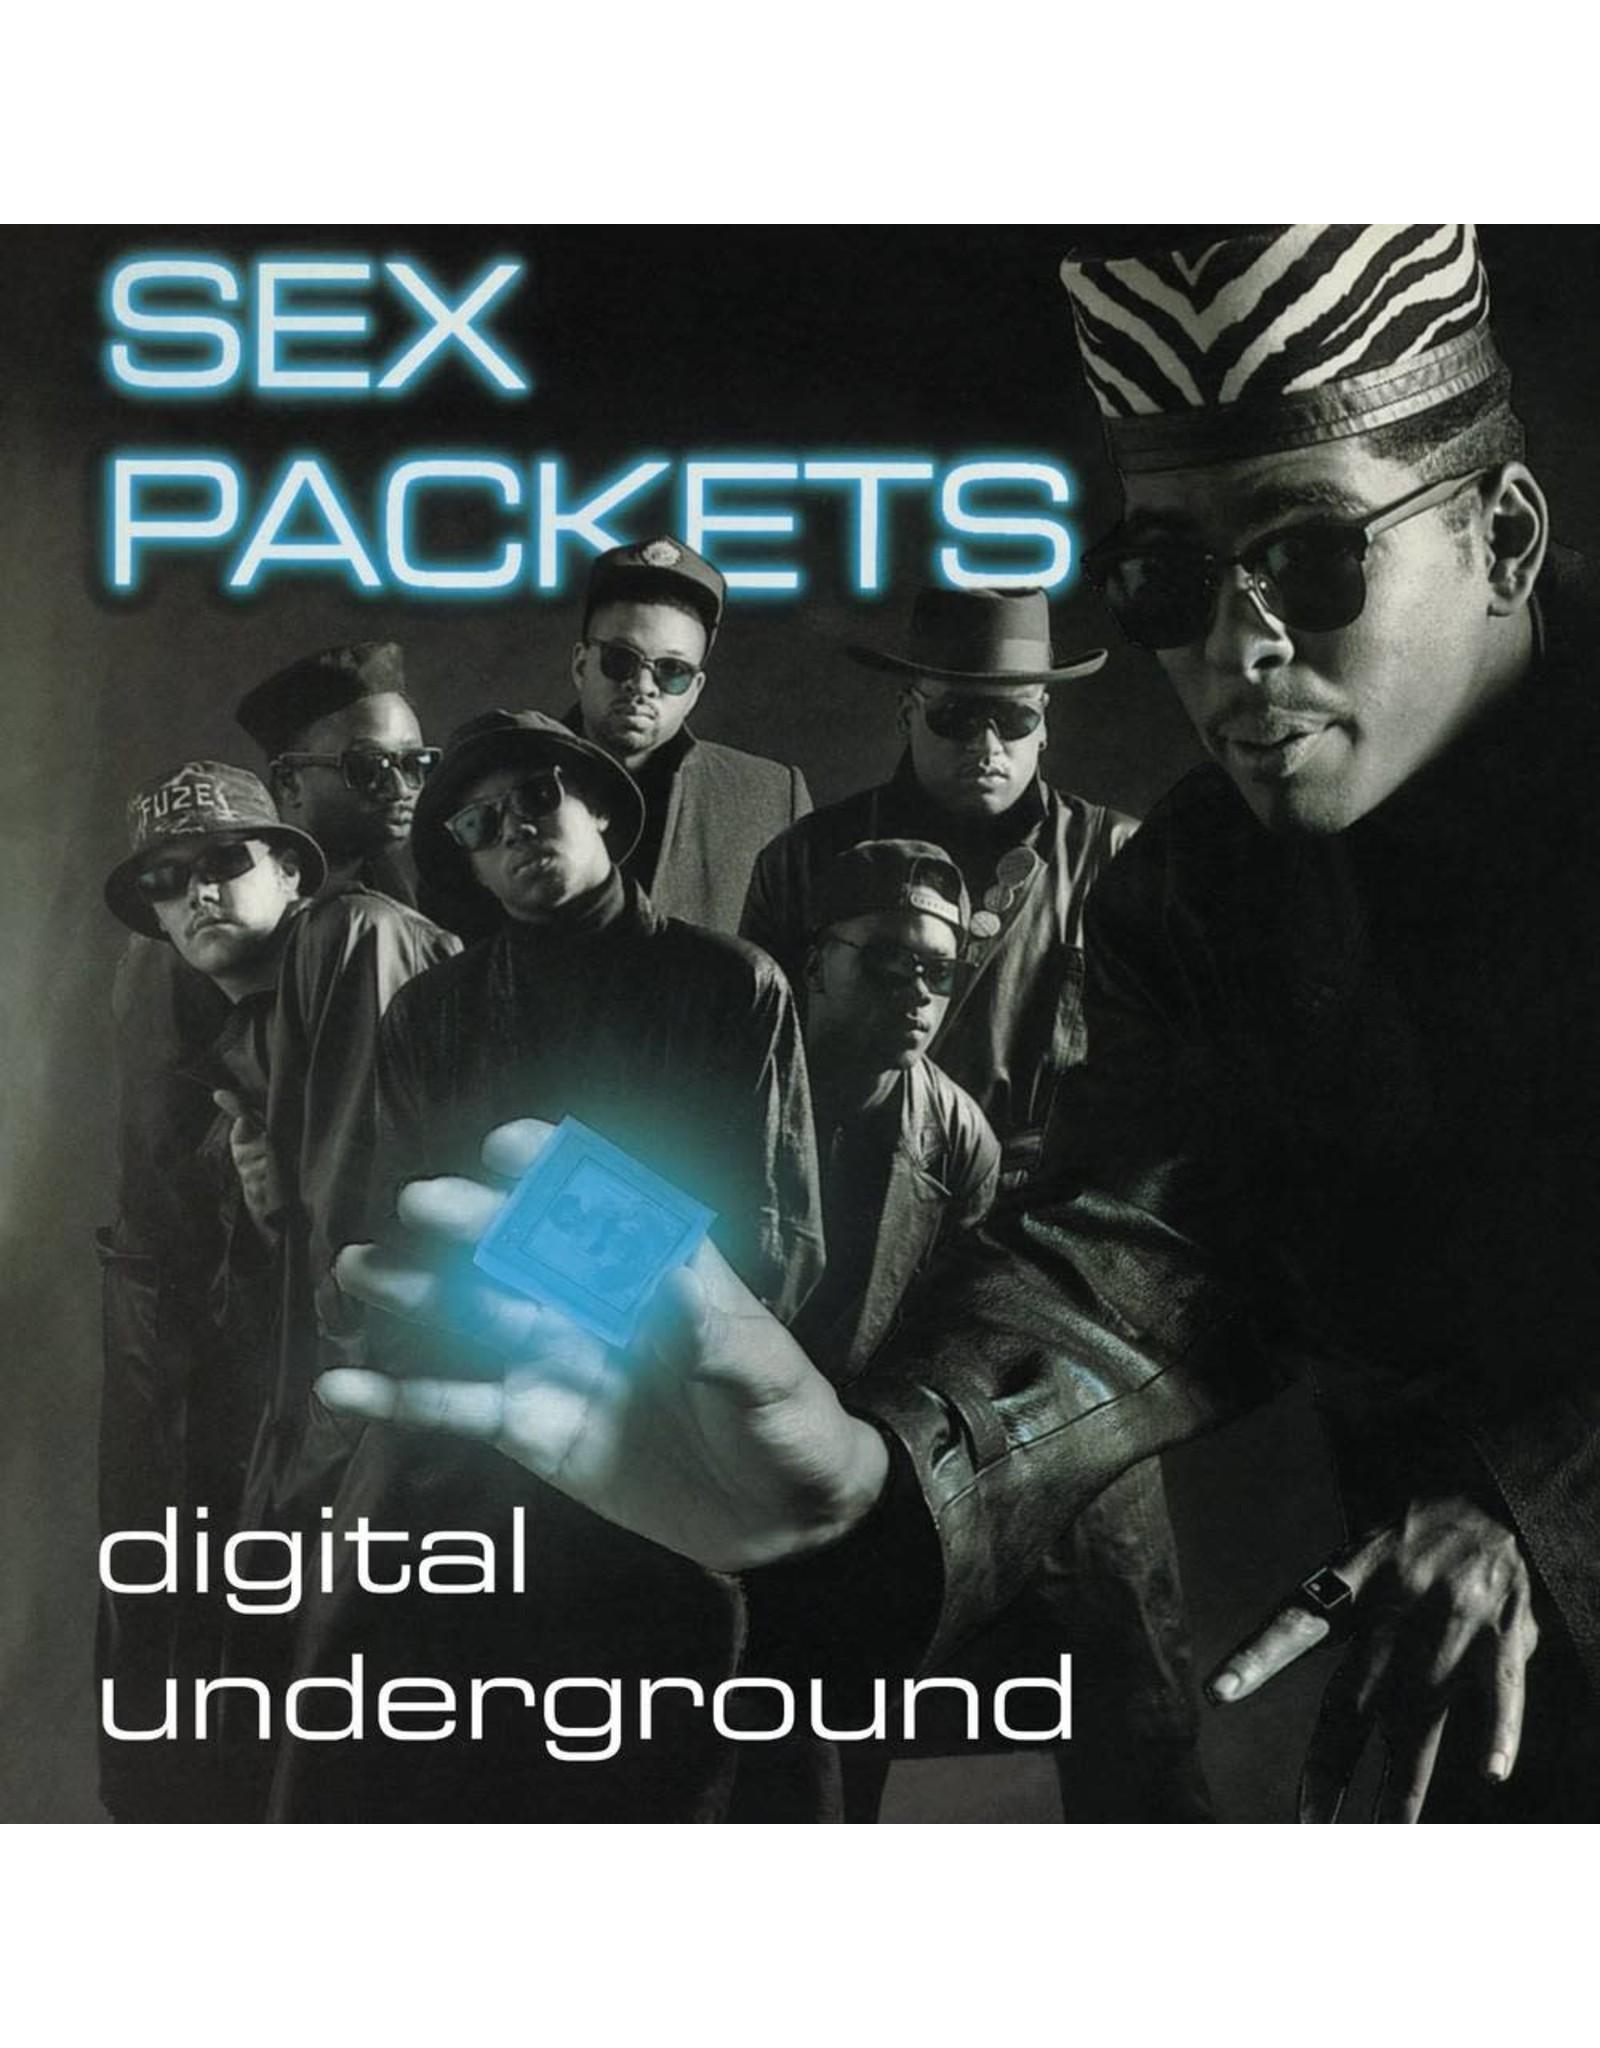 Digital Underground - Sex Packets (Clear Blue Vinyl)